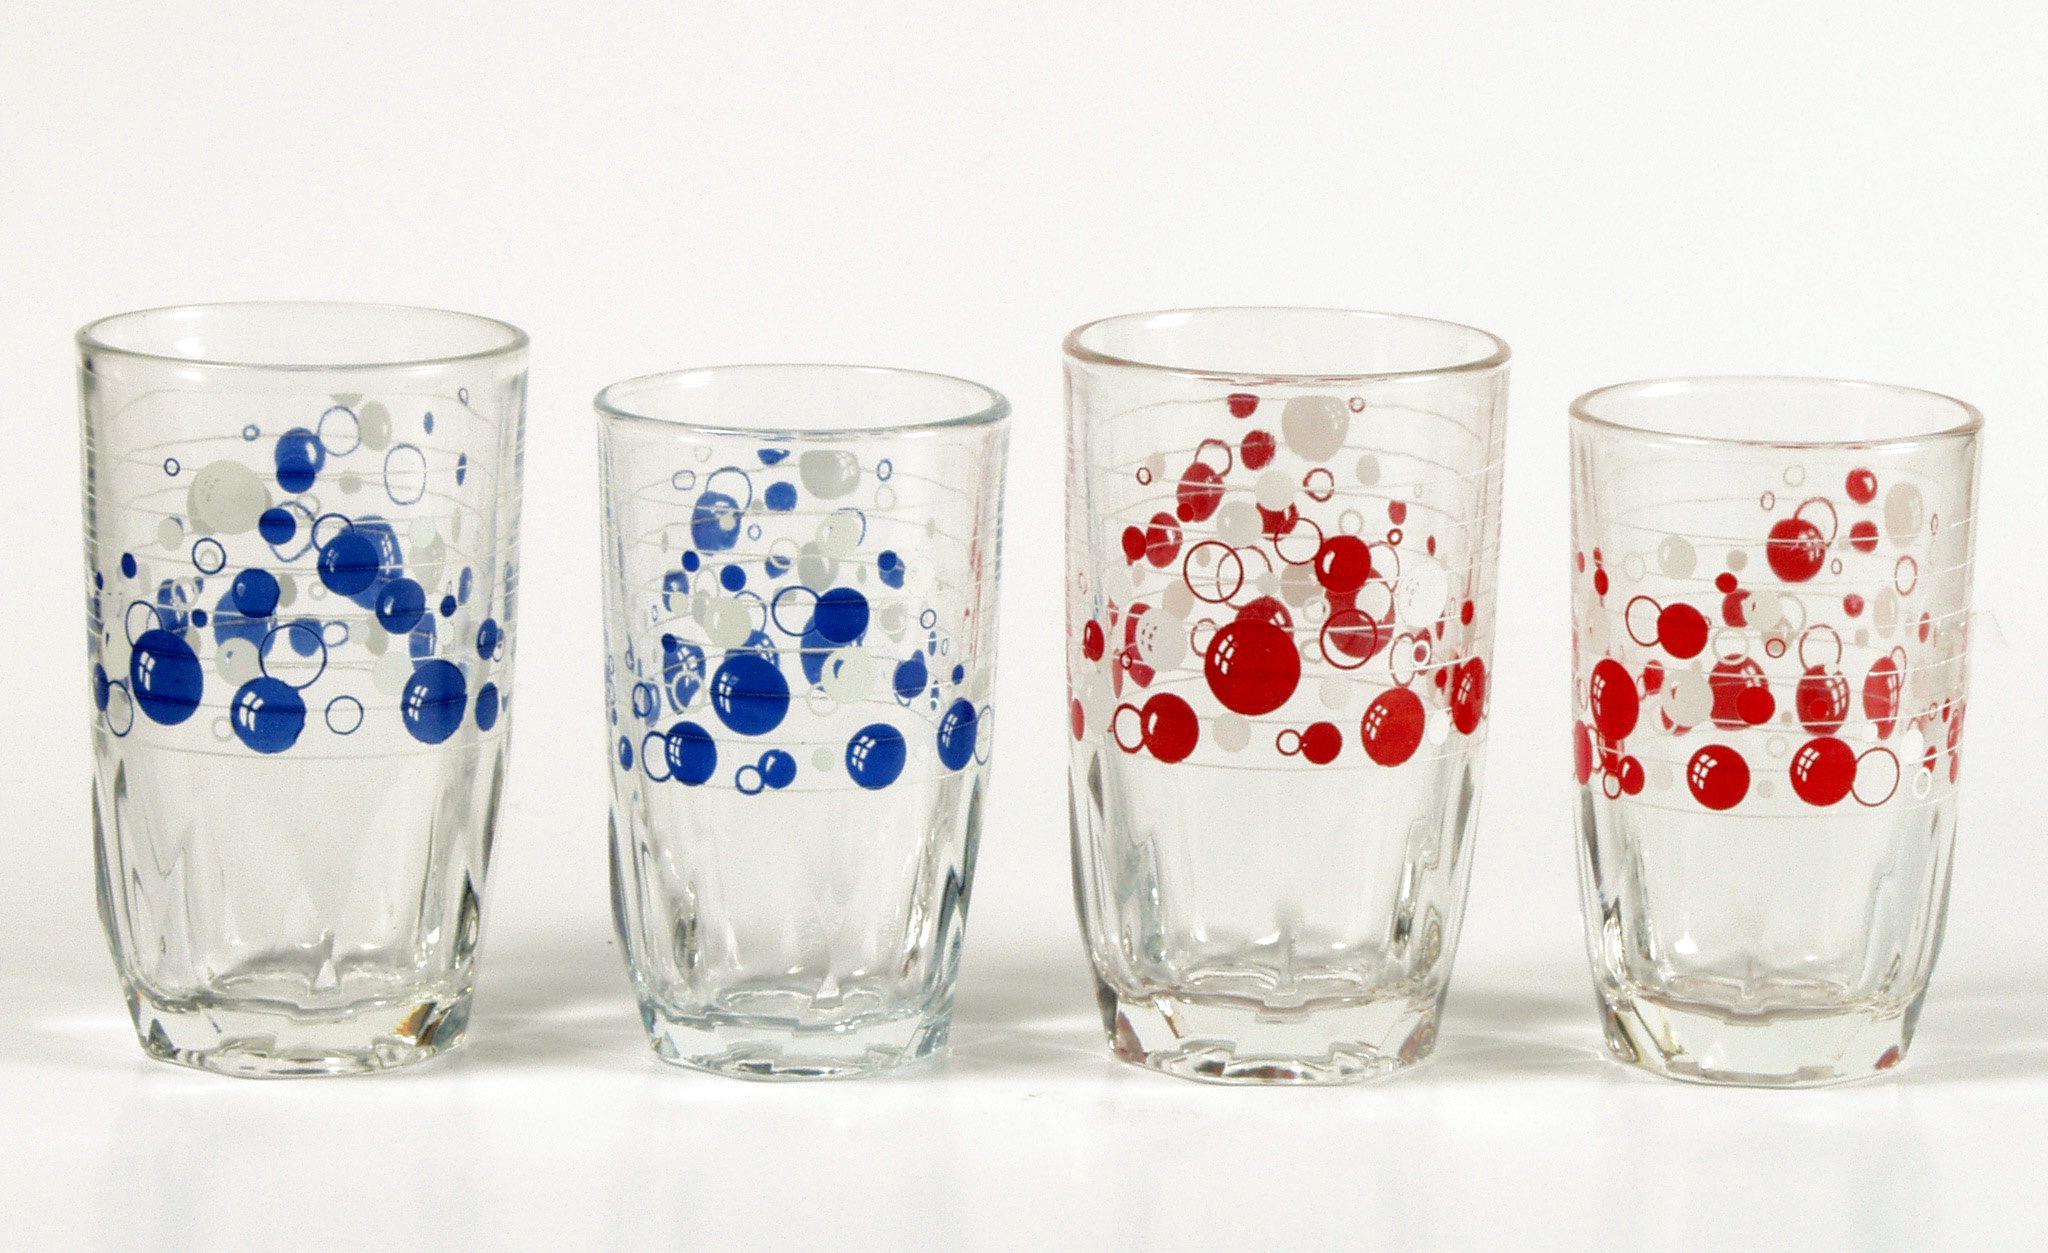 11 bicchieri particolari